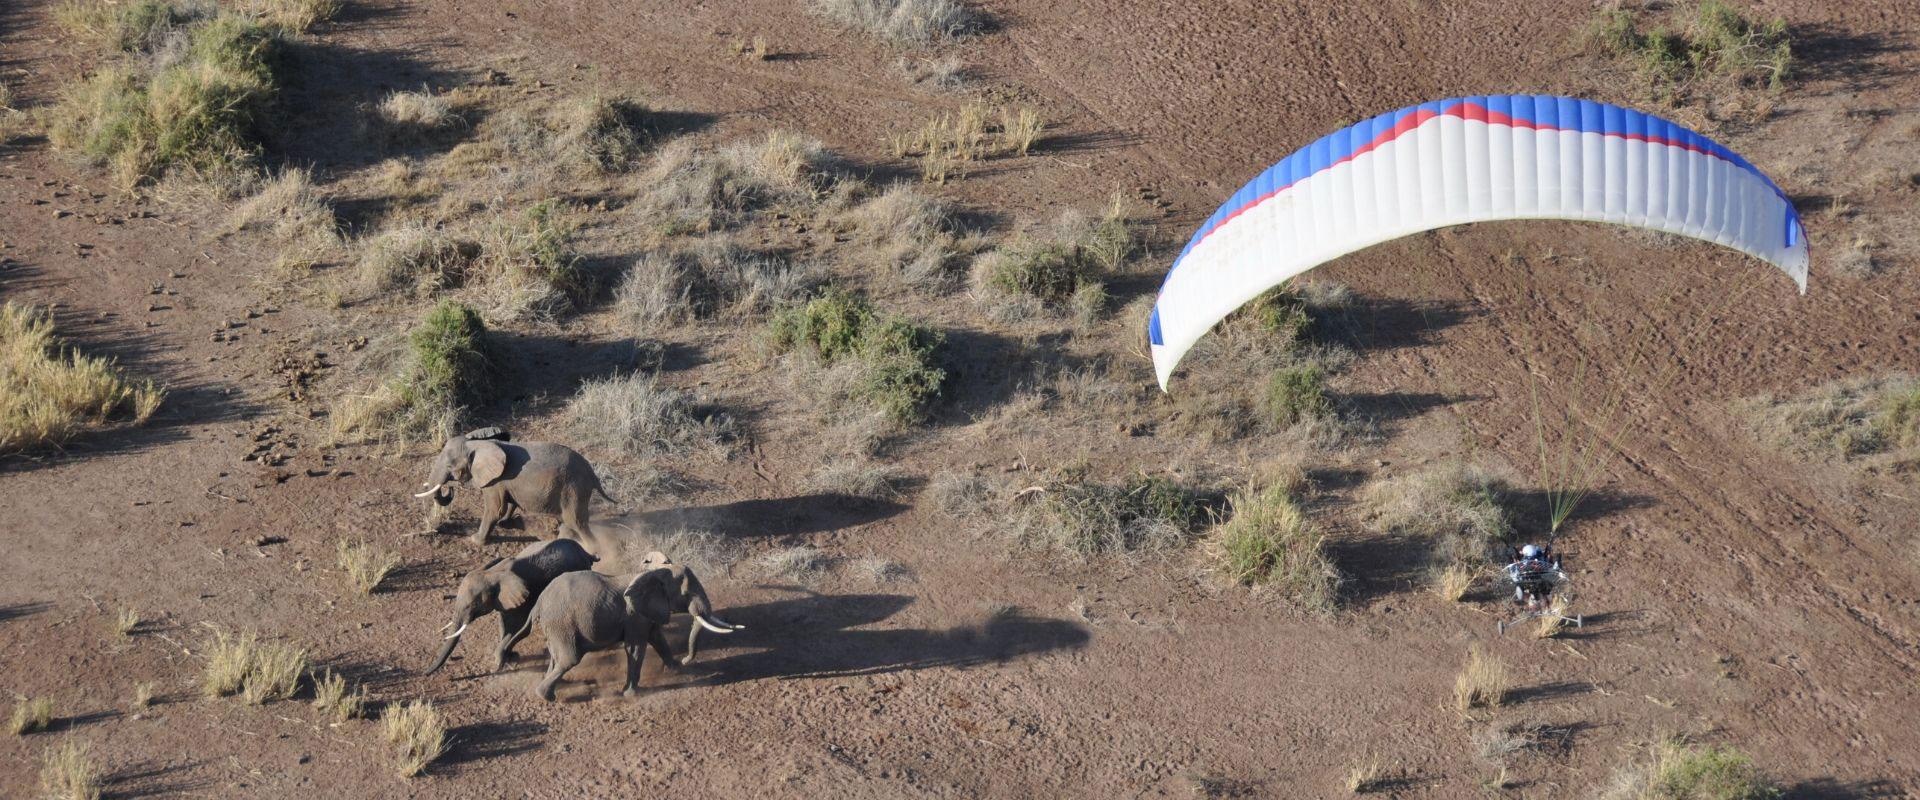 paramotor volando con elefantes